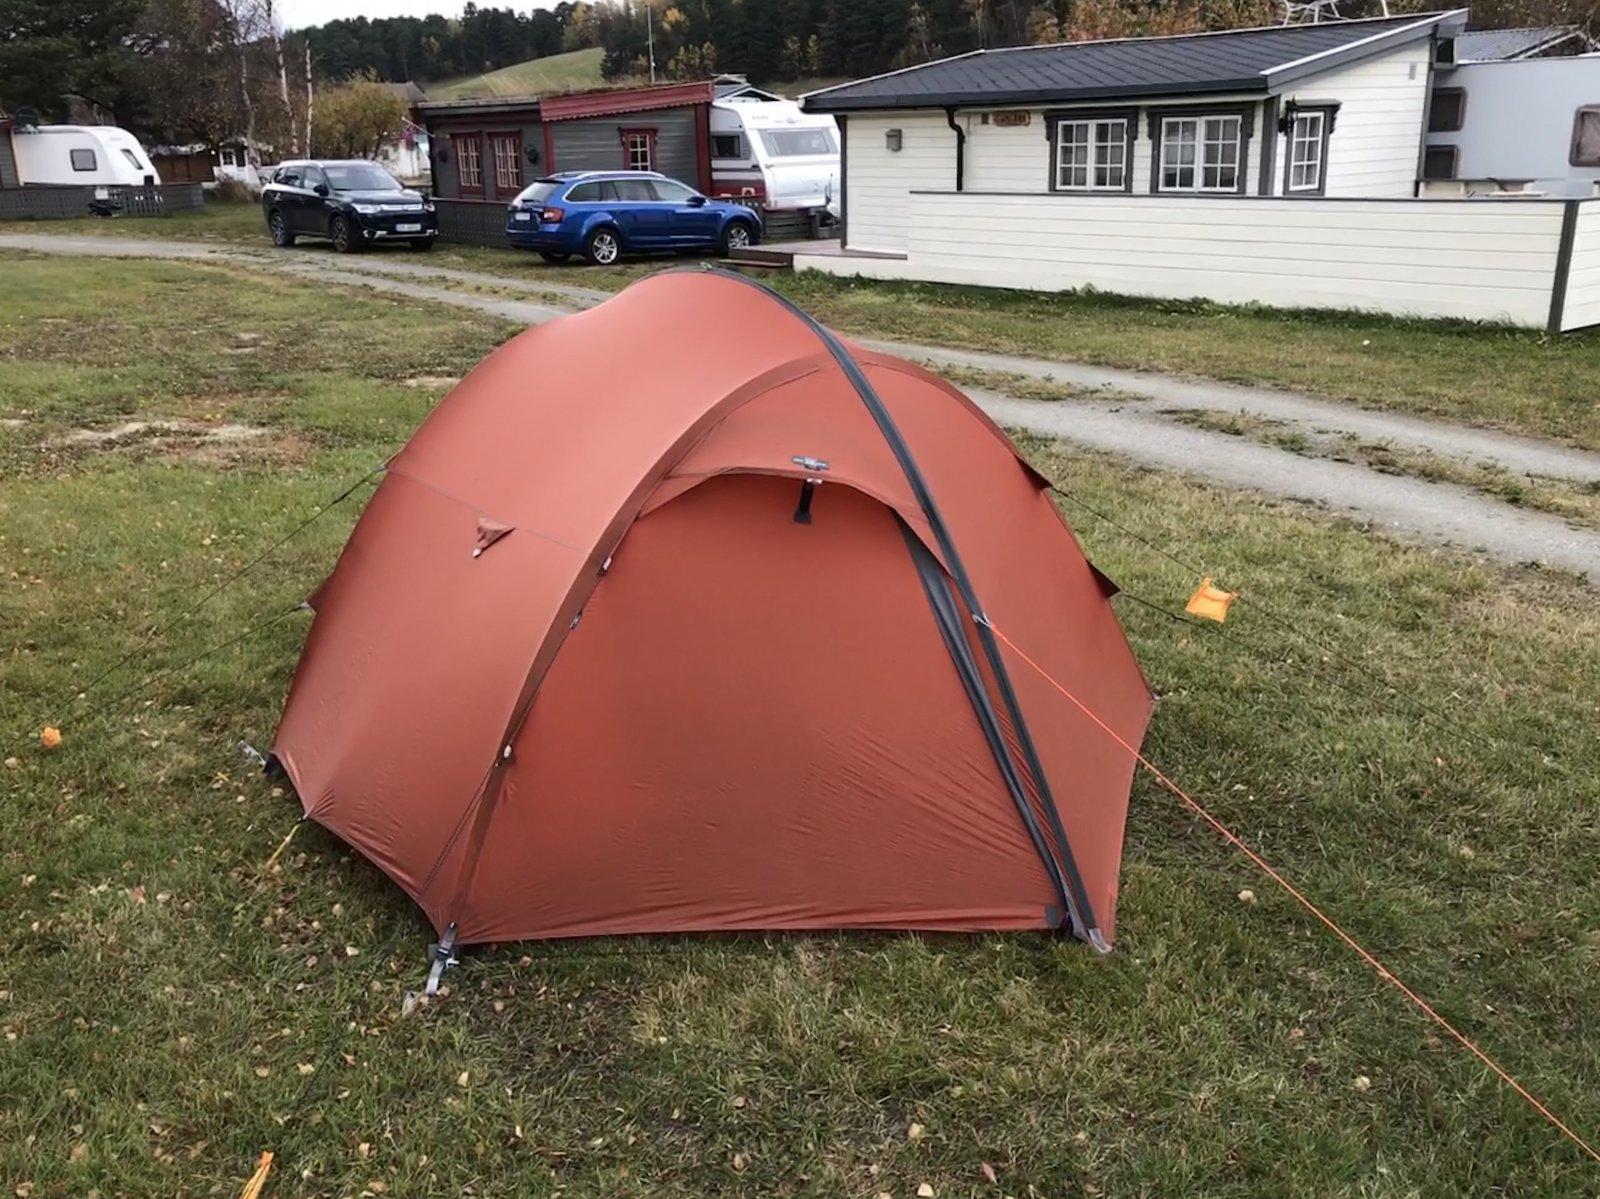 Vær stabilitet på superlette telt? Telt og lavvo